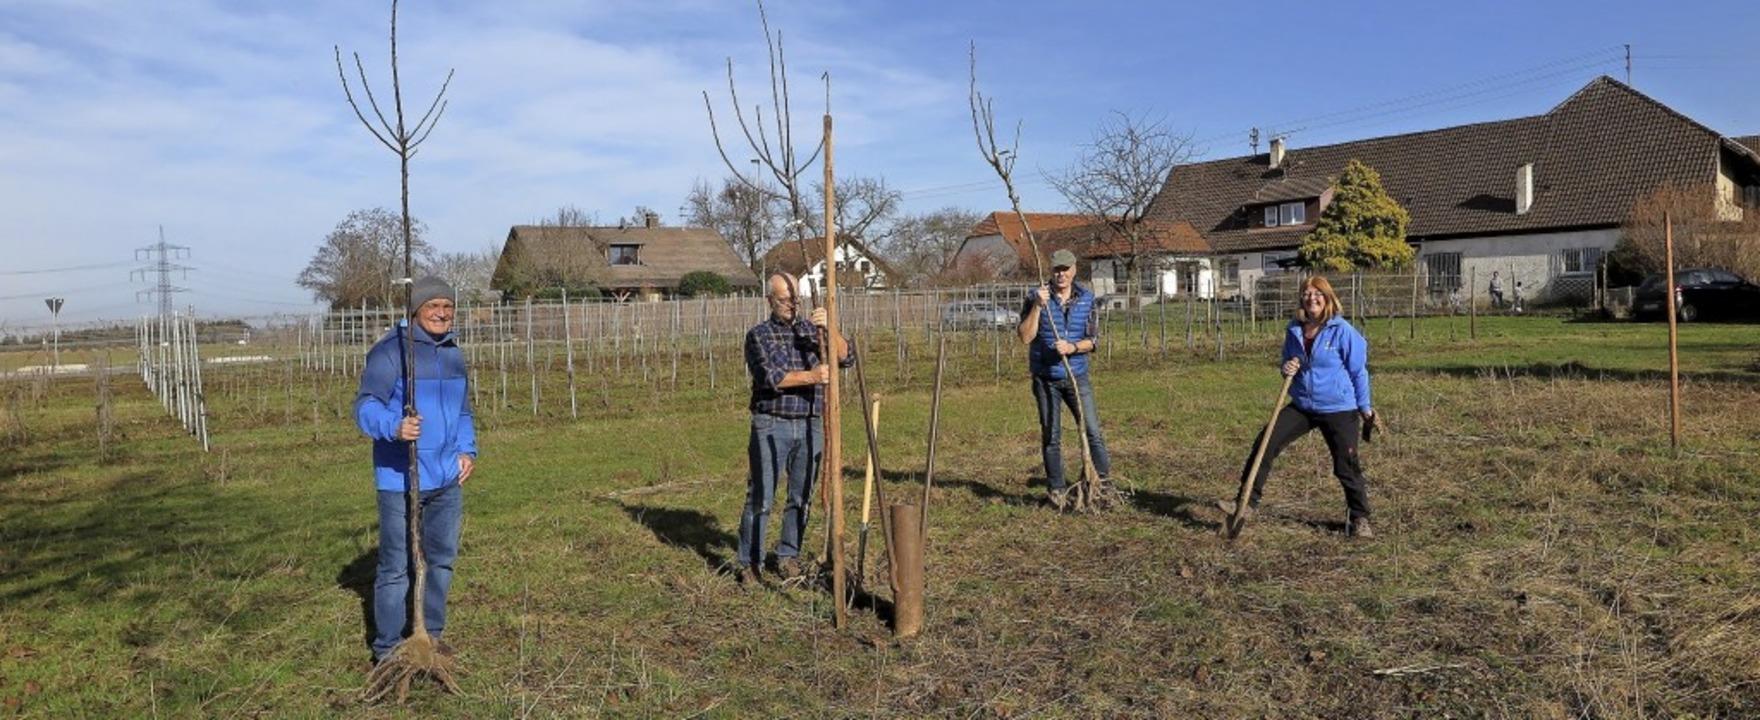 Hochstammbäume für den Naturschutz pfl...er Waselikowski und Christine Hercher.  | Foto: Dorothee Philipp